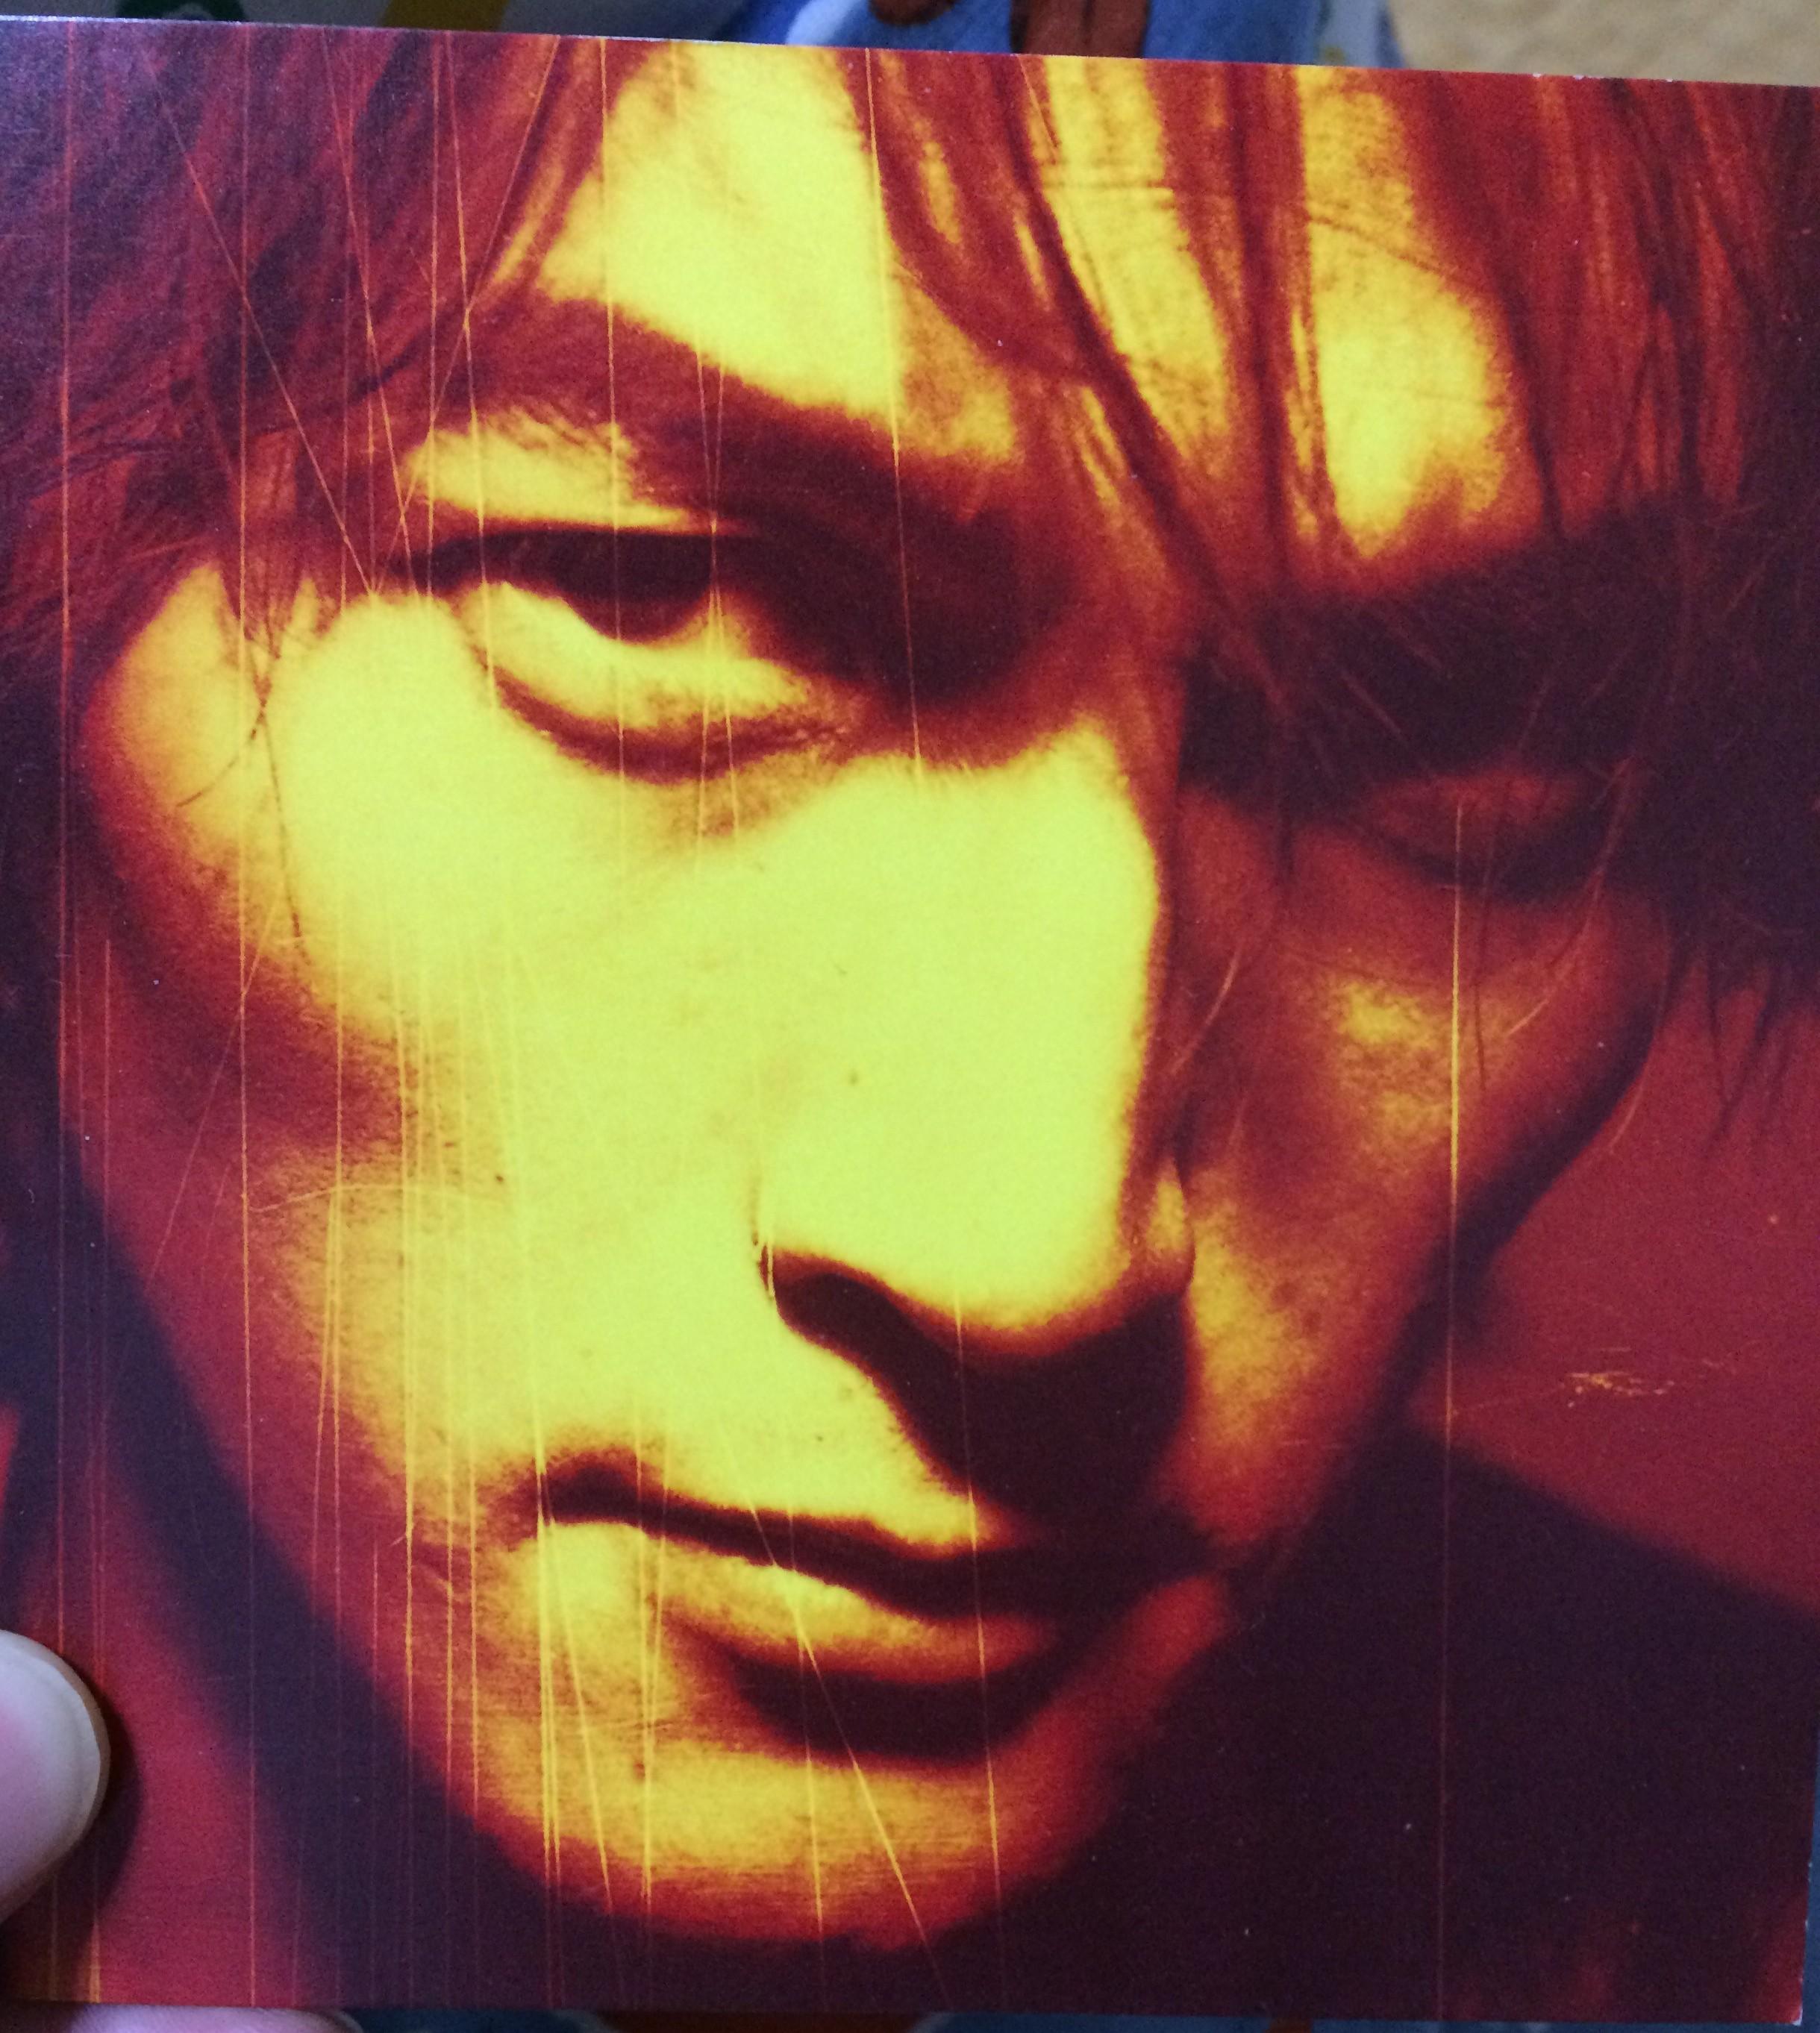 稲葉浩志ソロアルバム マグマの歌詞カードに描かれている絵は誰の作品??